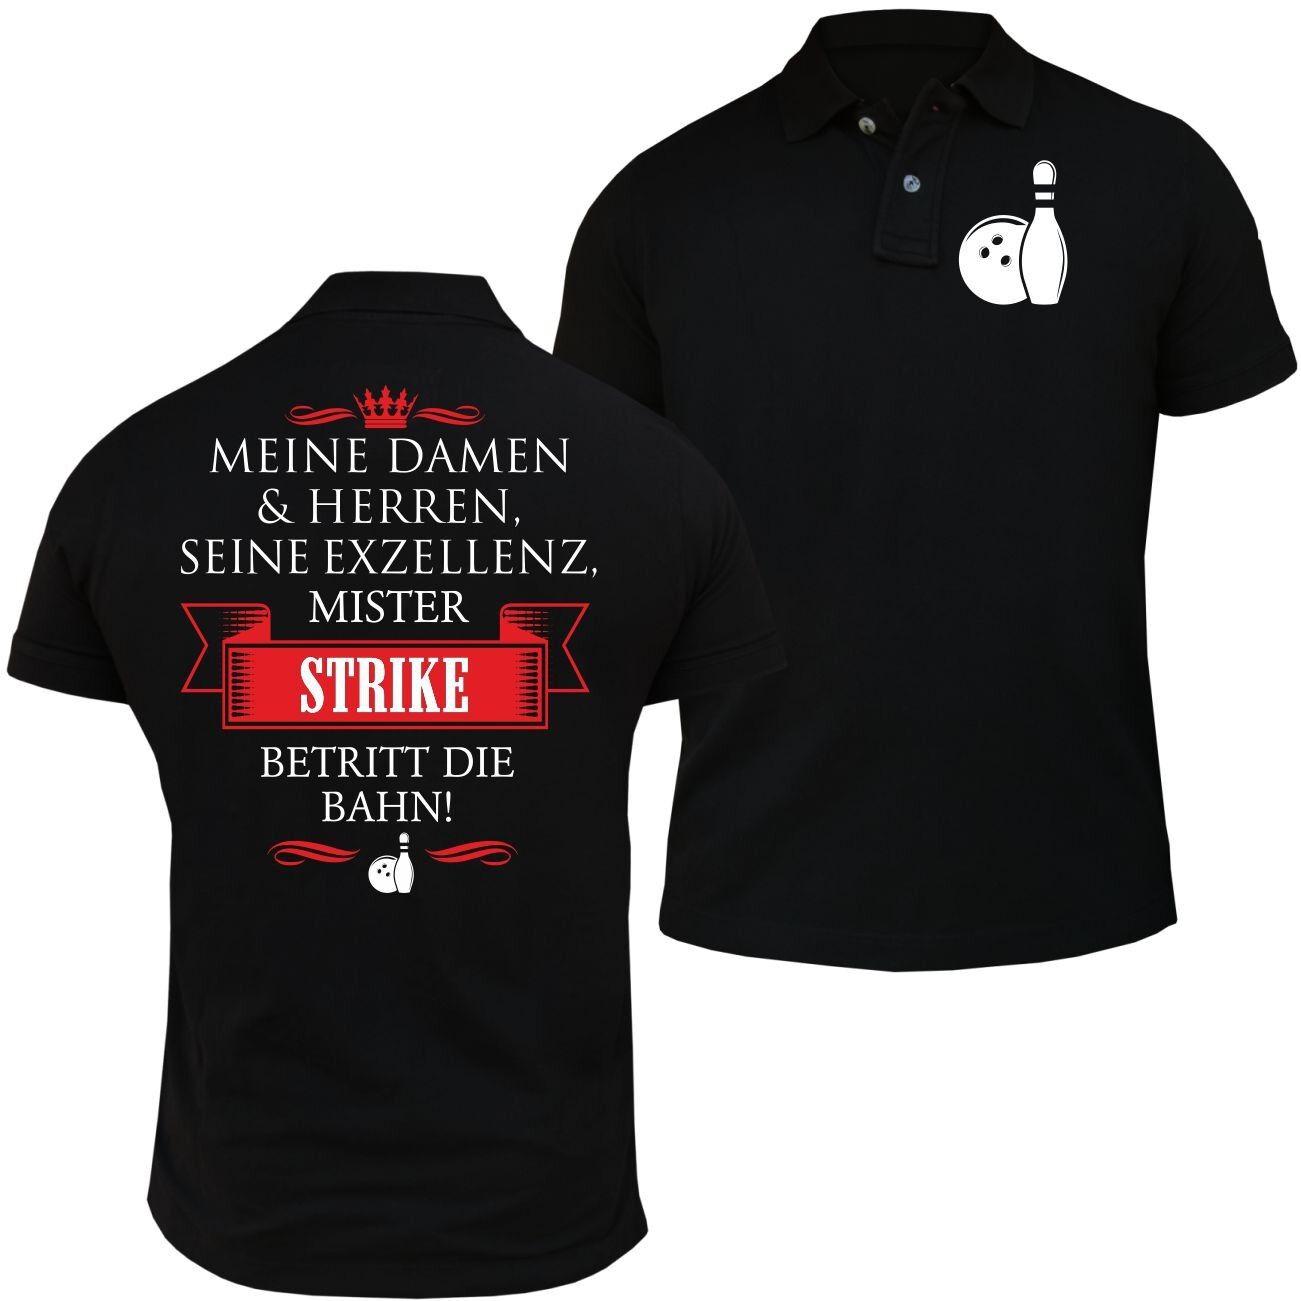 POLO Shirt Seine Exzellenz DER BOWLER Bowling bowlen Strike Mannschaft Geschenk  | Beliebte Empfehlung  | Sale Outlet  | Nutzen Sie Materialien voll aus